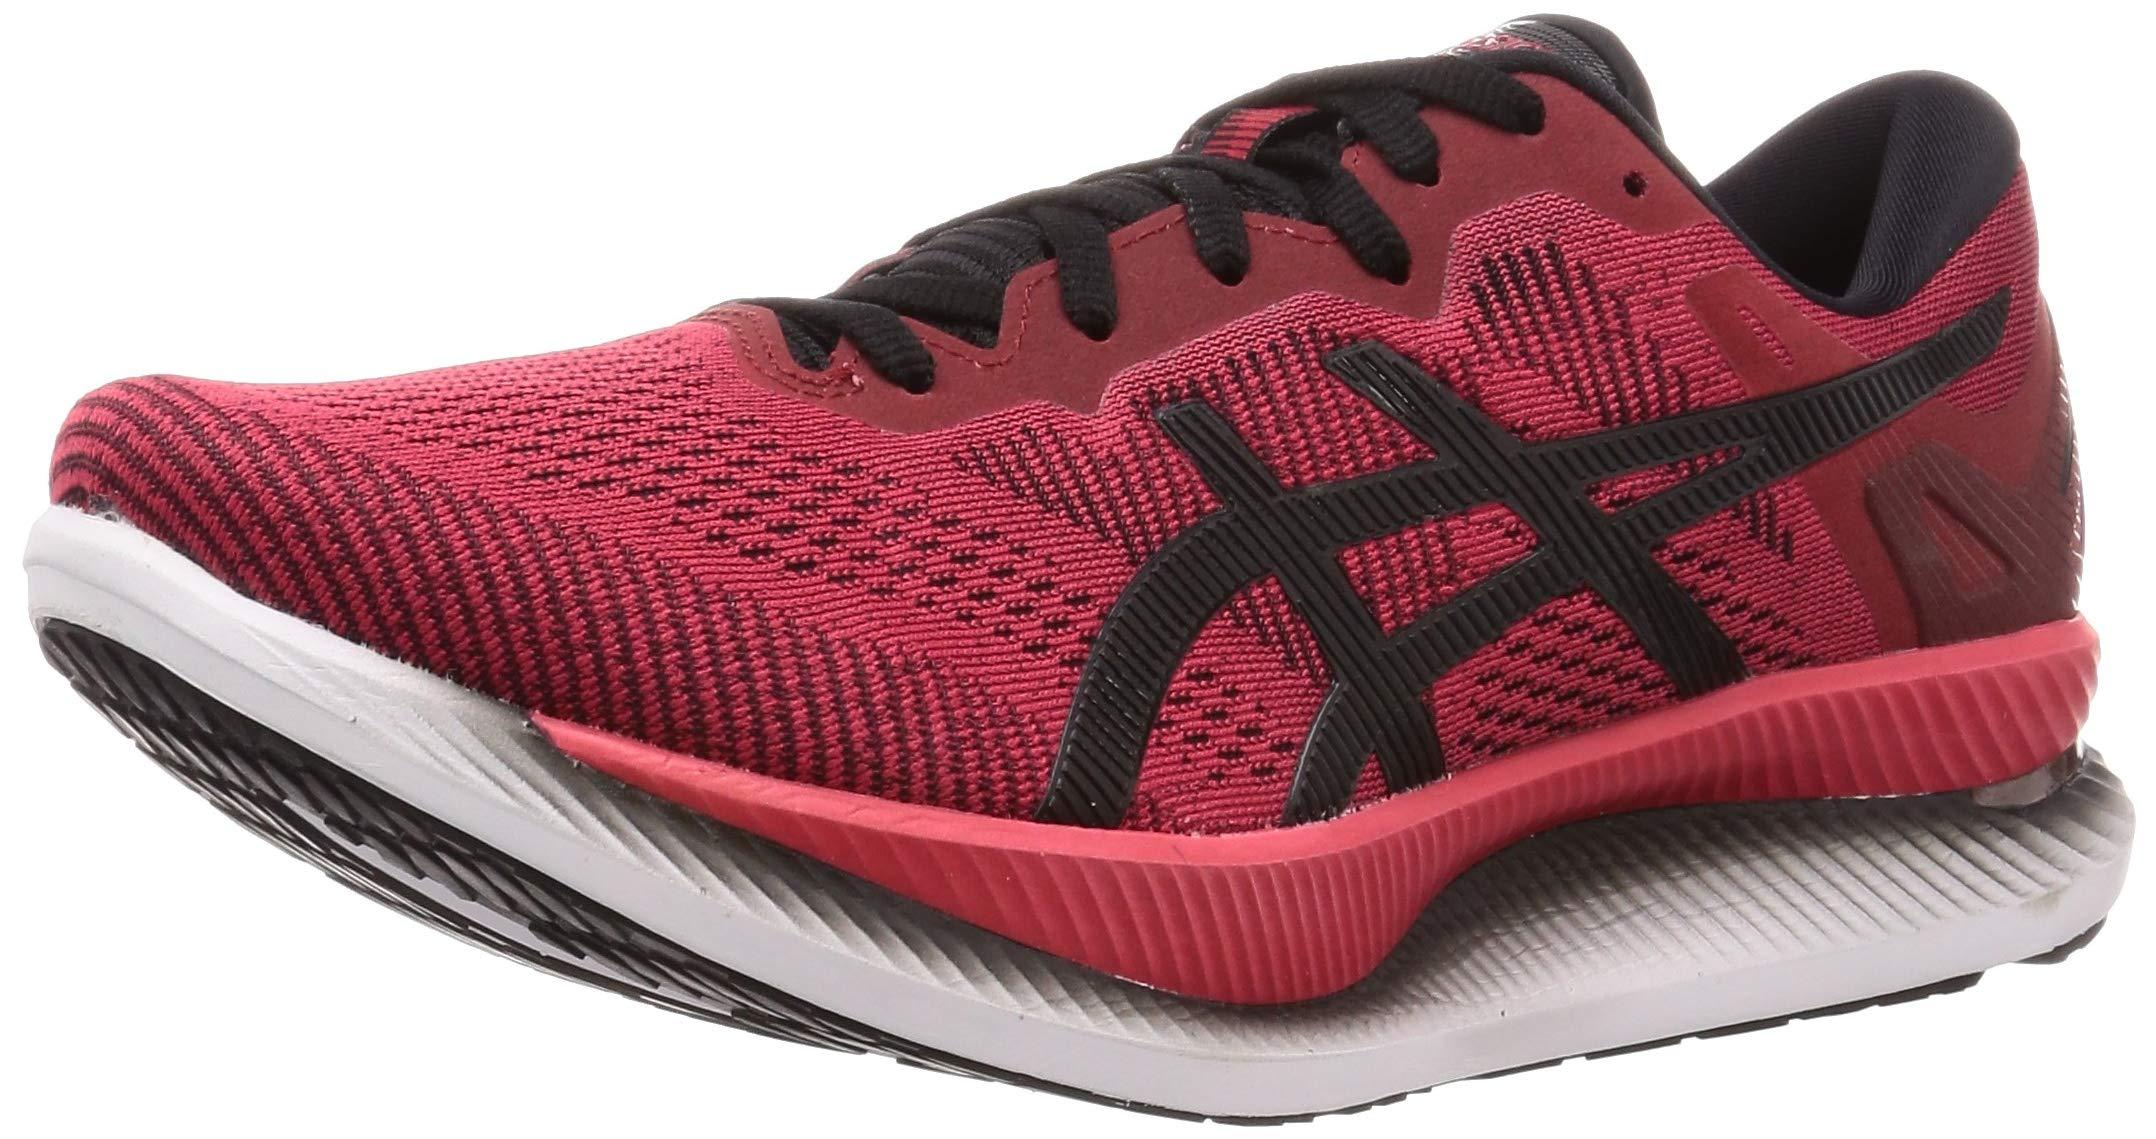 ASICS Herren 1011A817-600_43,5 Running Shoes, red, 43.5 EU